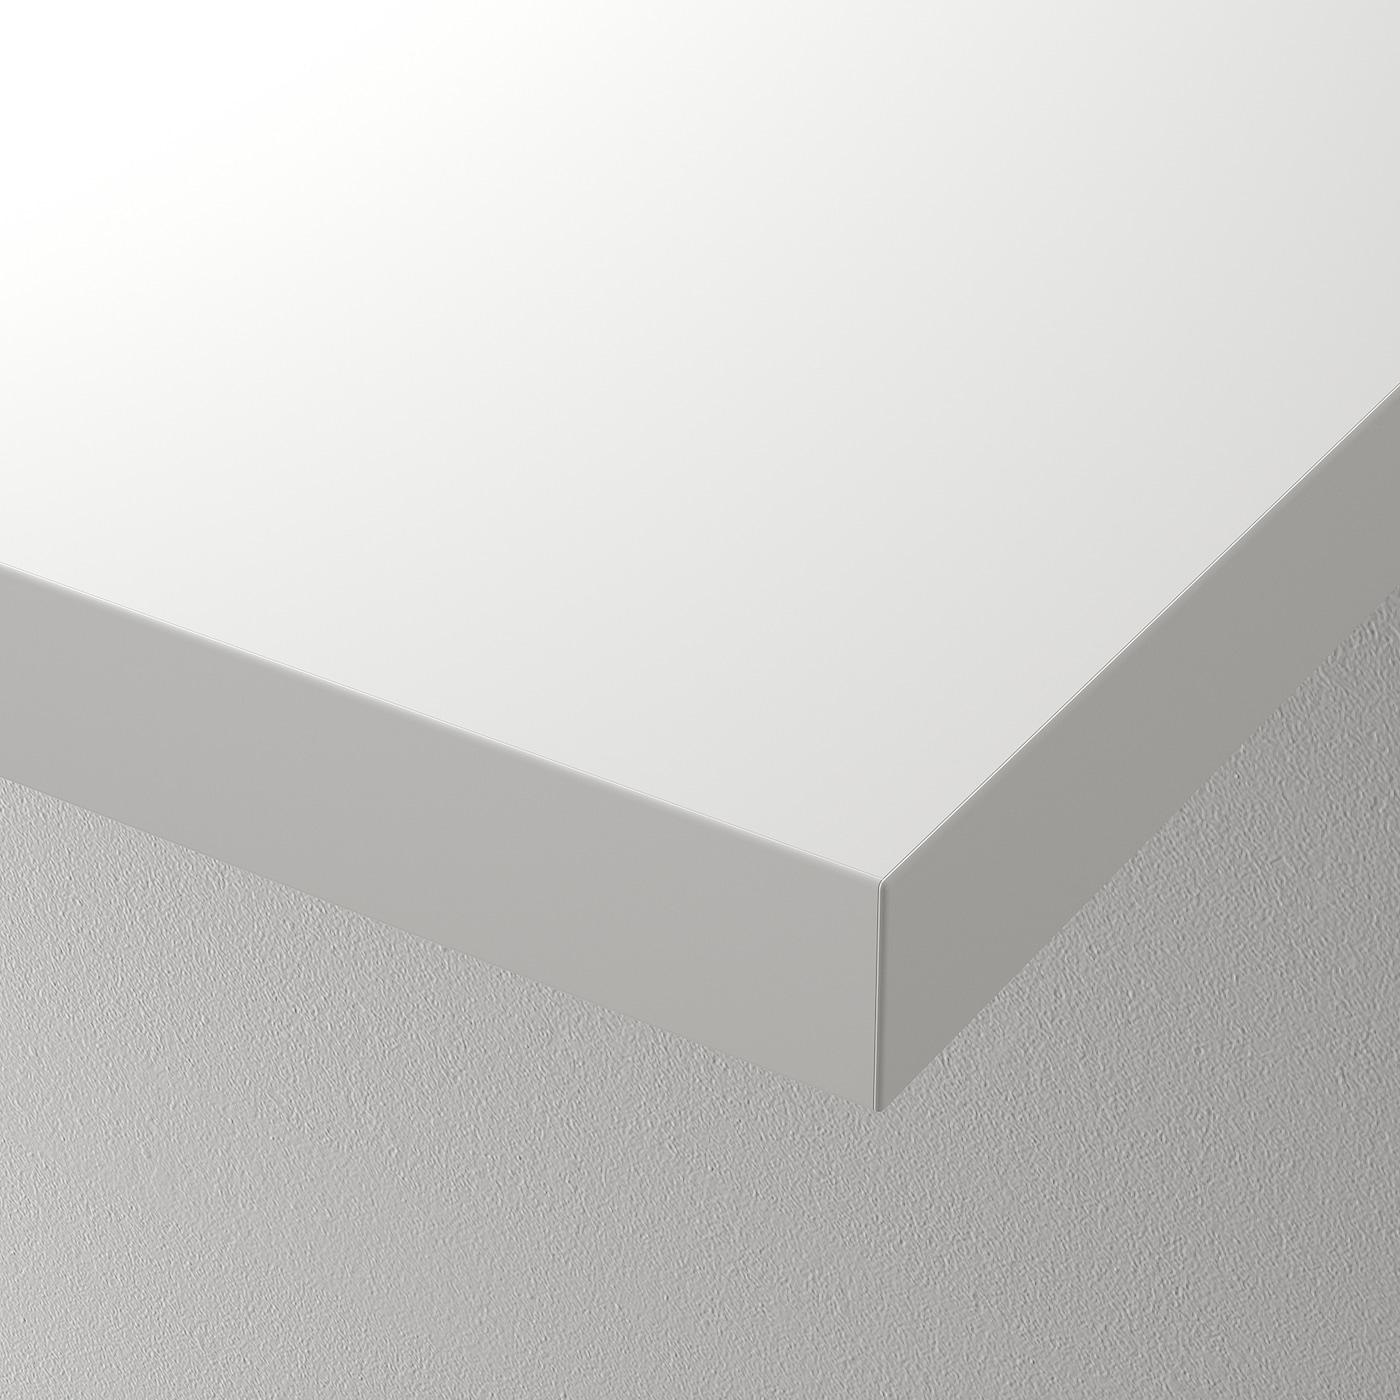 Linnmon Tabletop White 59x29 1 2 Ikea